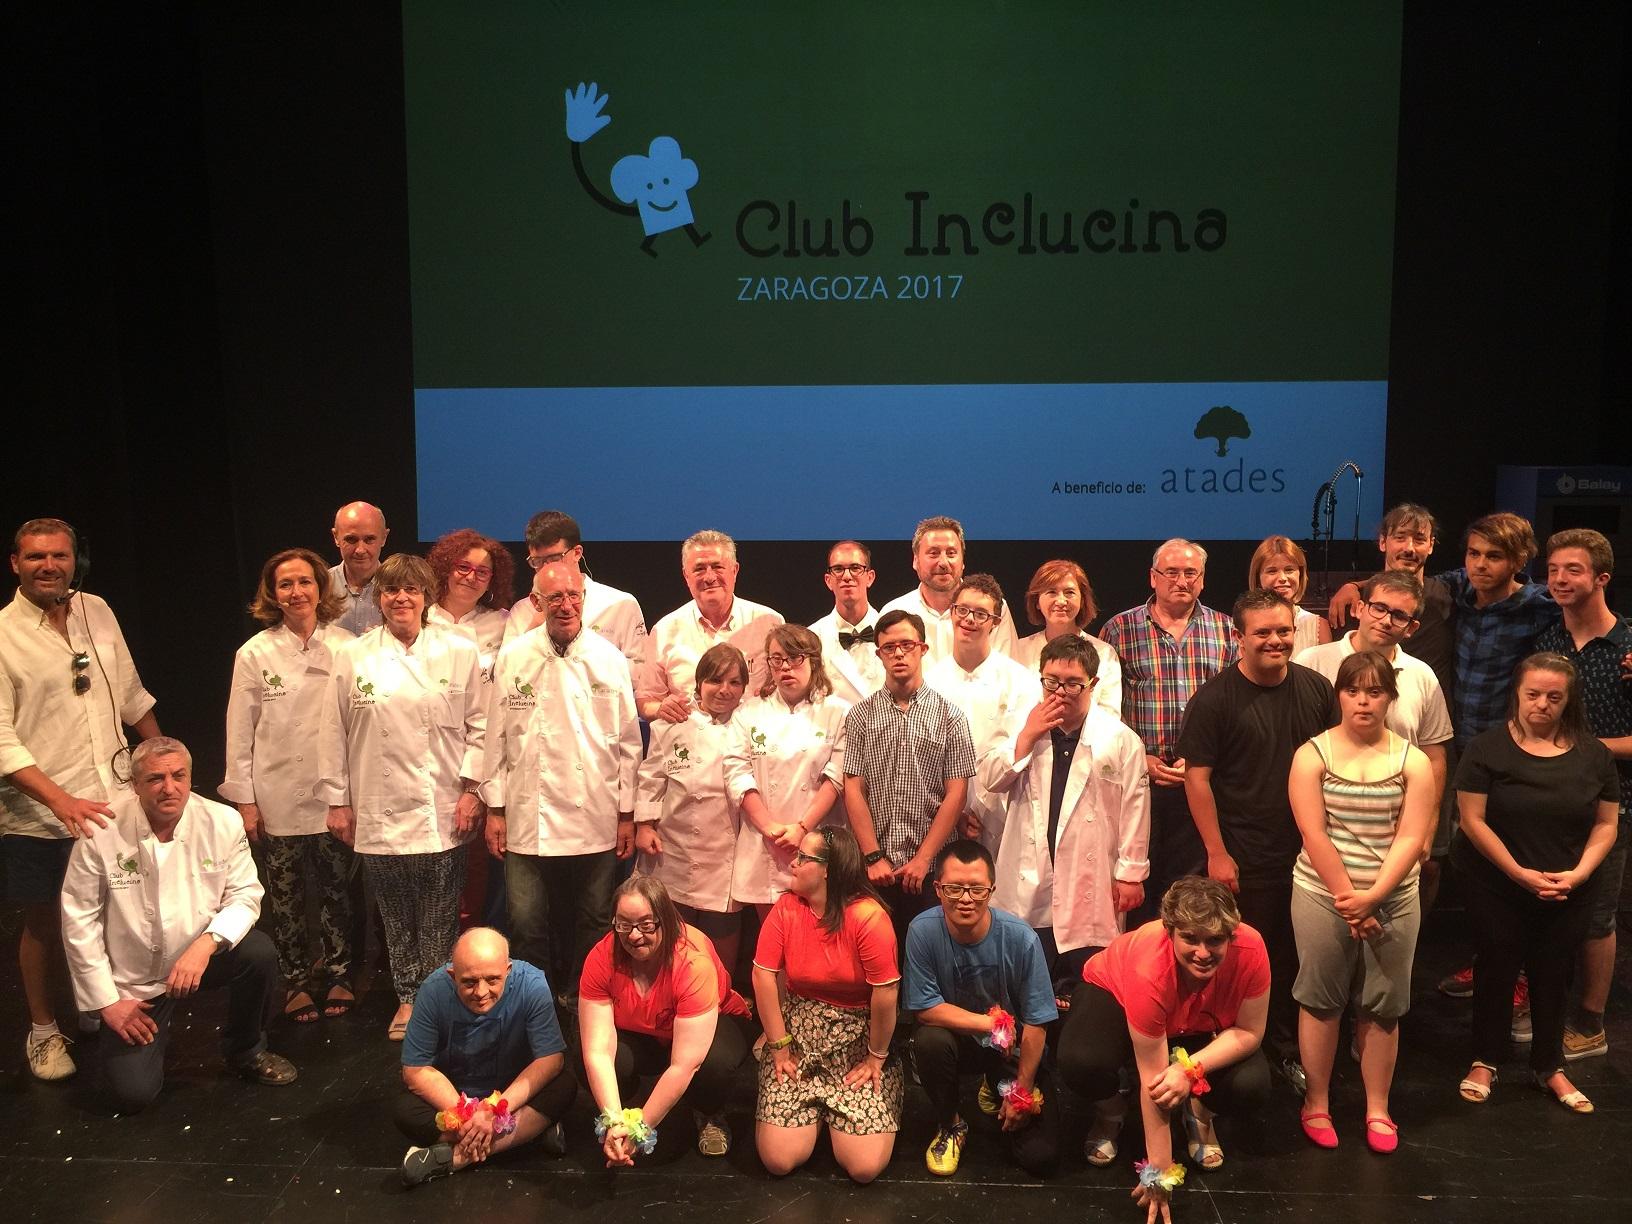 Foto de grupo del club inclucina